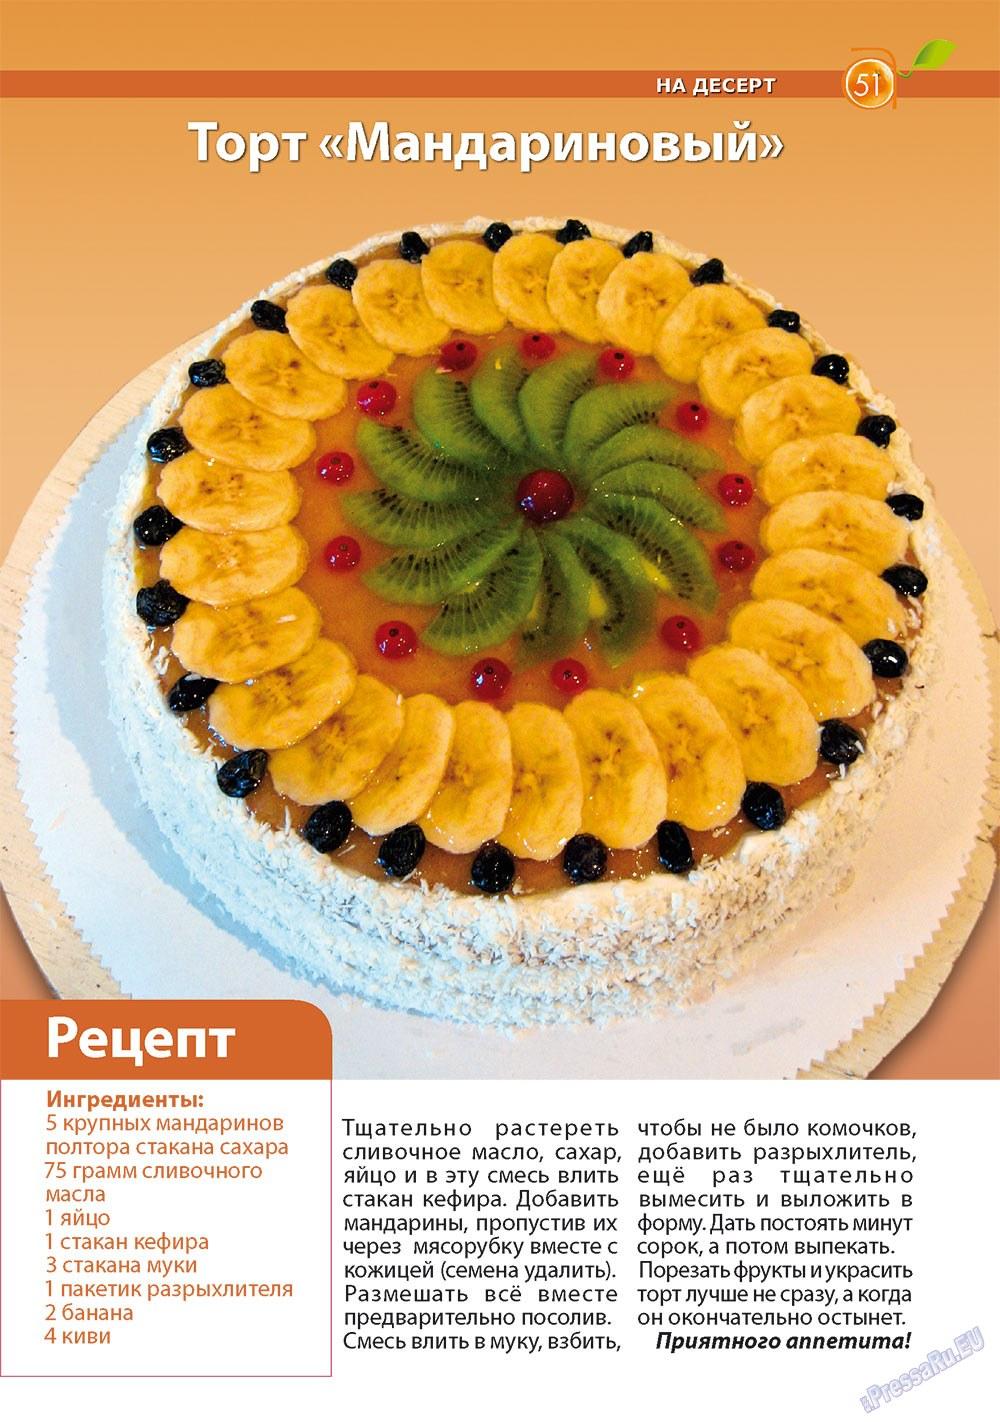 Апельсин (журнал). 2011 год, номер 25, стр. 51